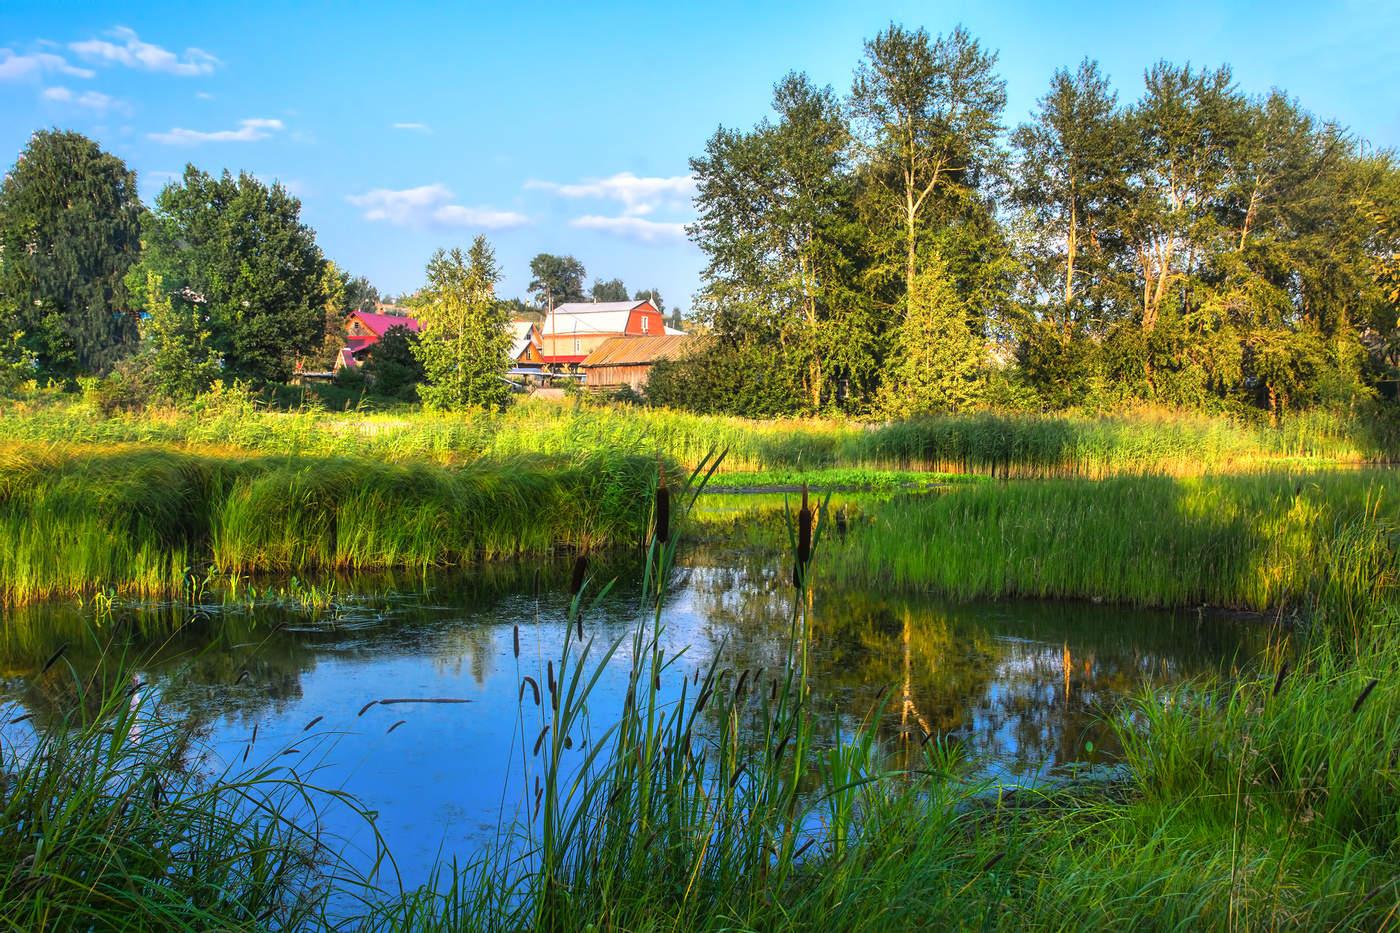 картинки летнего дня в деревне